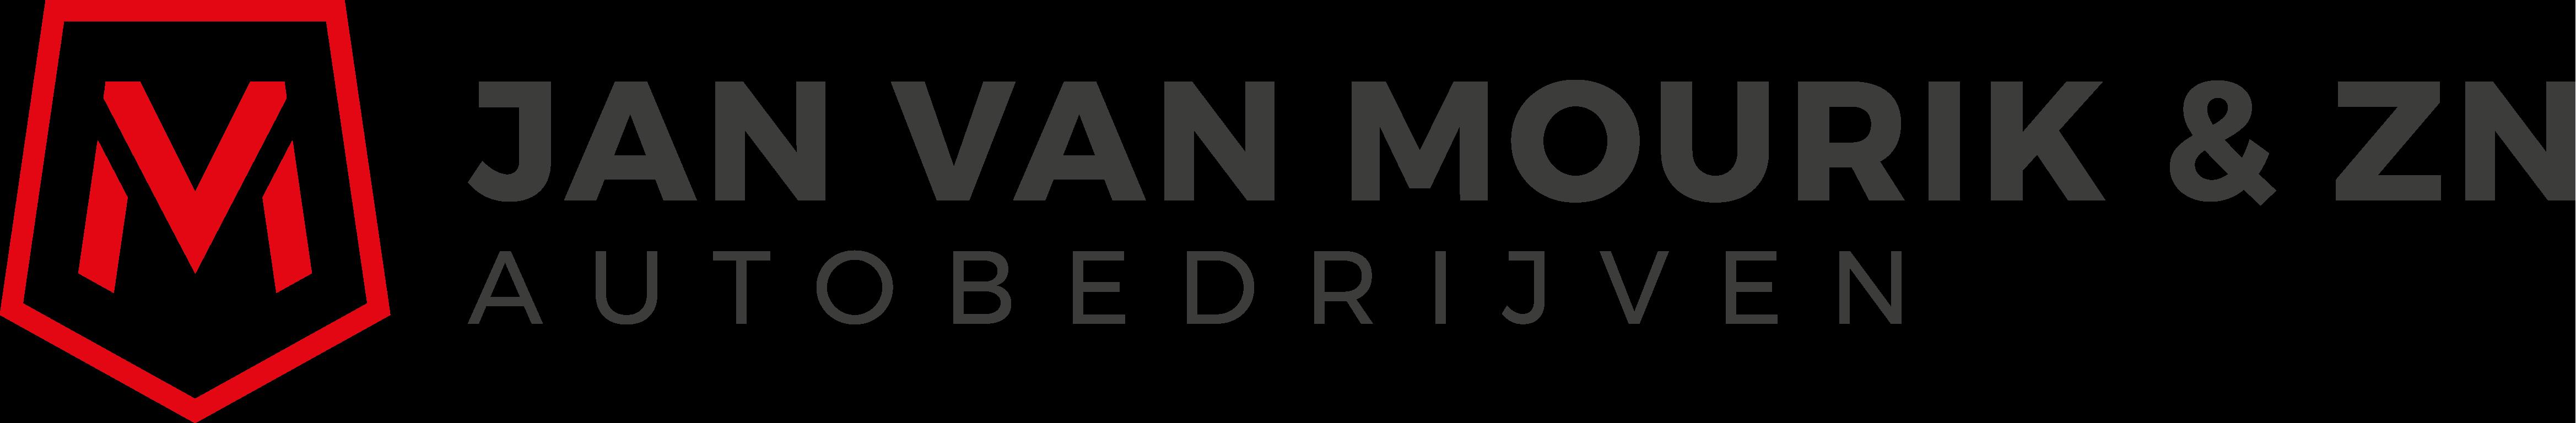 Autobedrijf Jan van Mourik & Zn